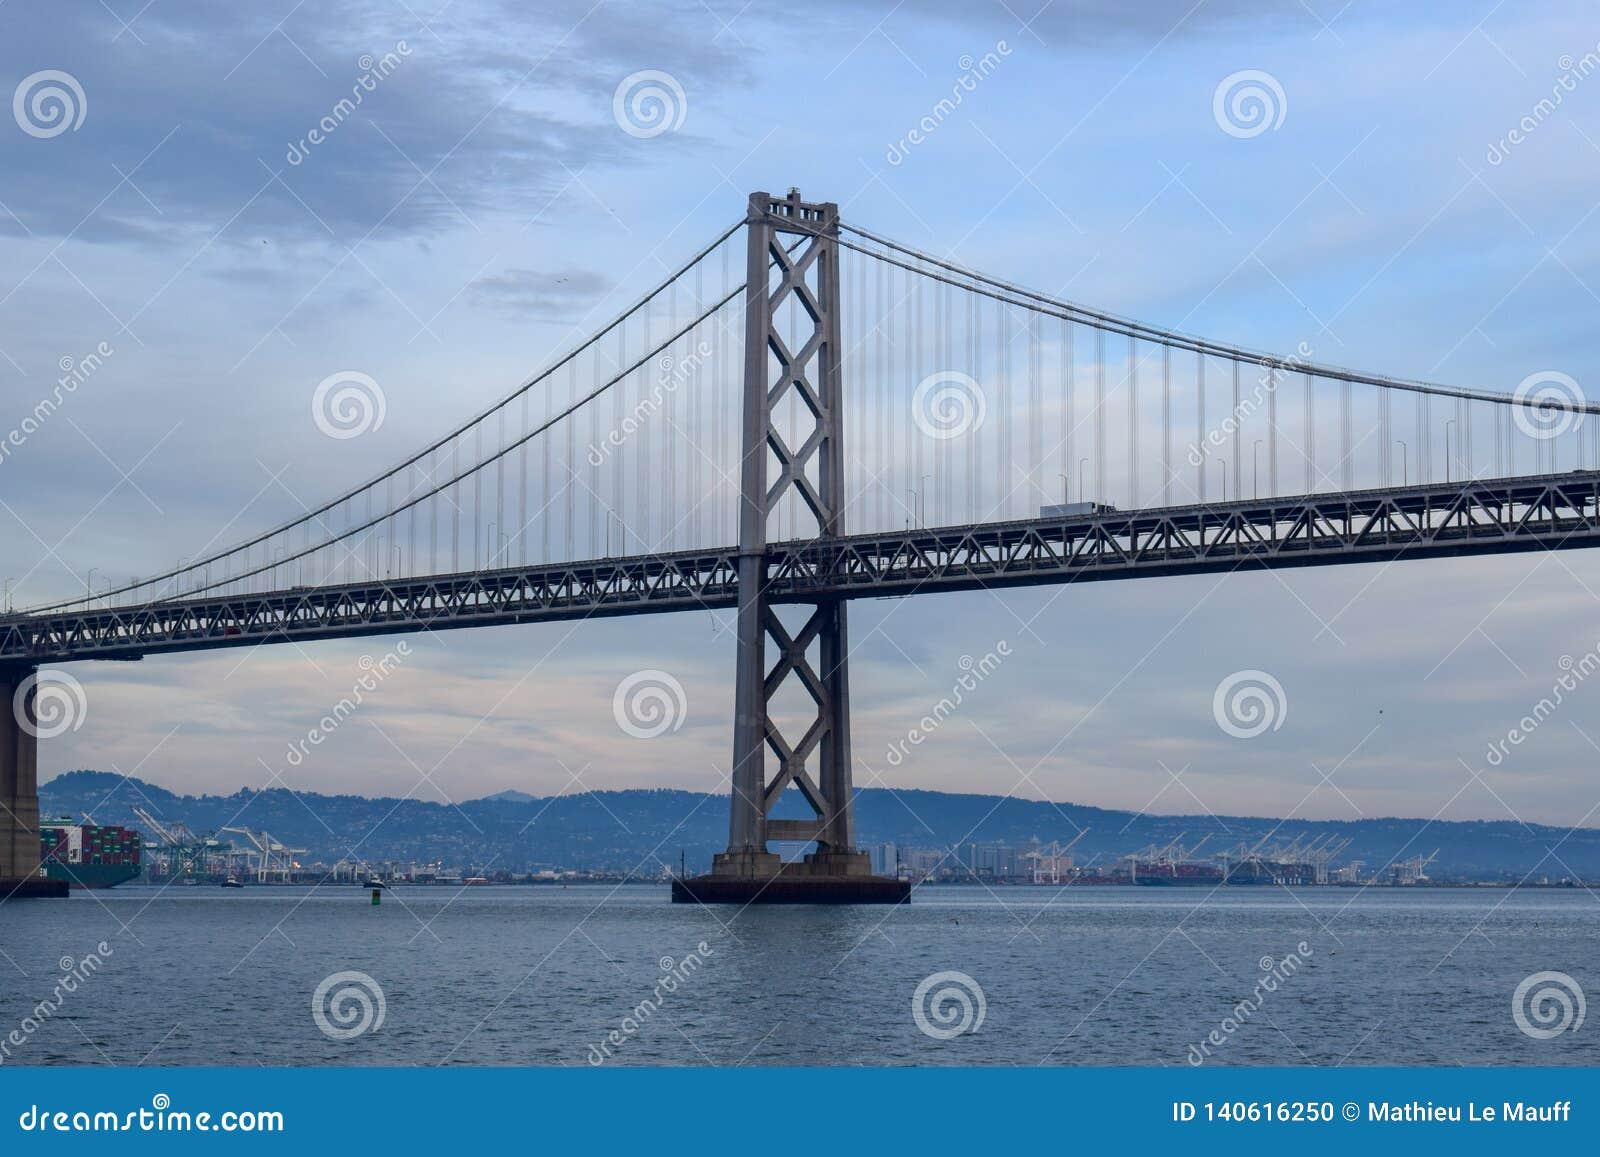 Γέφυρα κόλπων στο Σαν Φρανσίσκο - πύργος